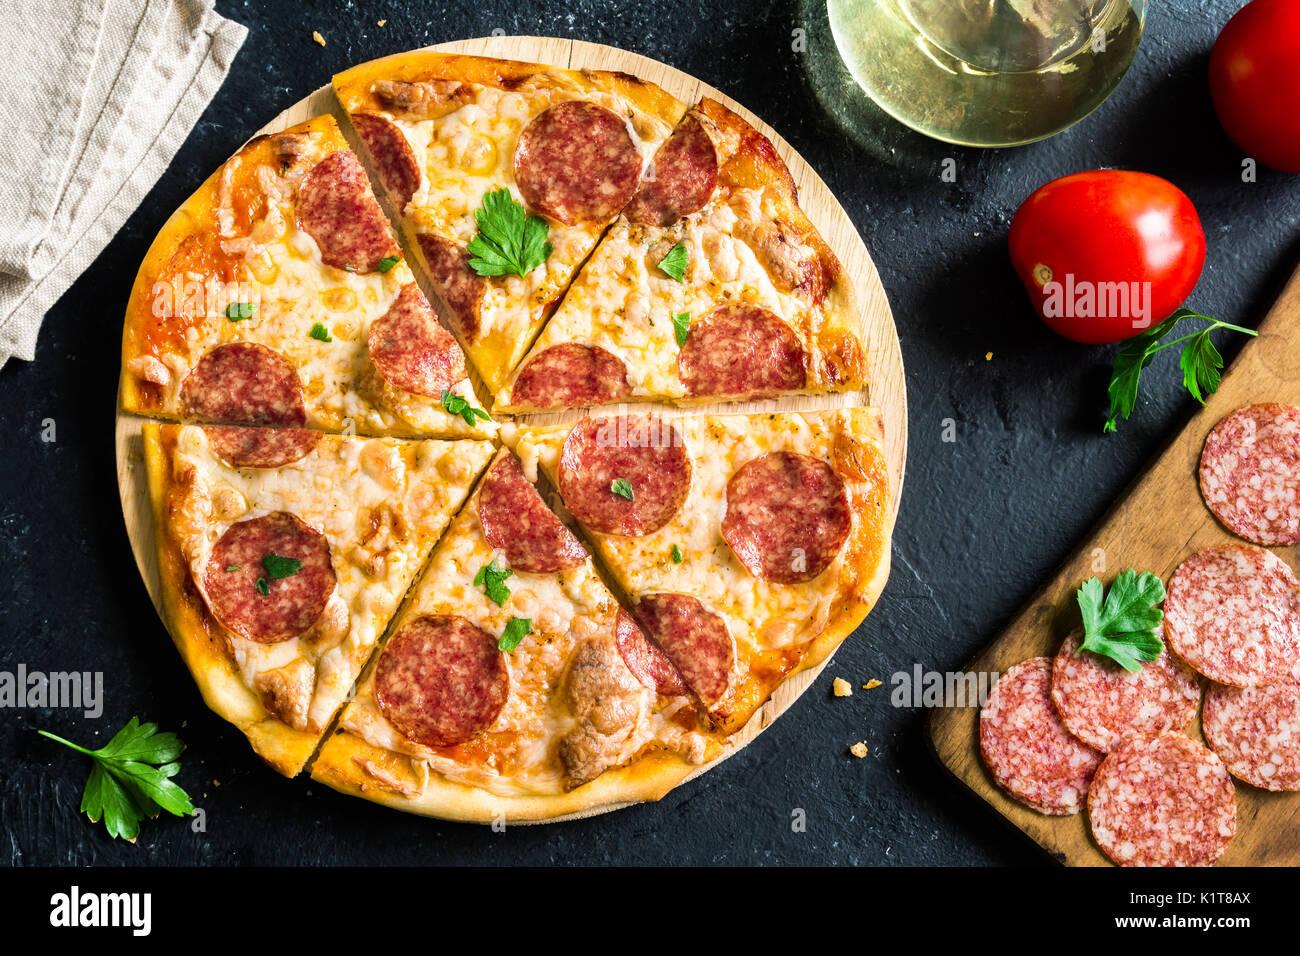 Pizza de pepperoni con ingredientes frescos - pizza casera con pepperoni, queso y la salsa de tomate y los ingredientes Foto de stock